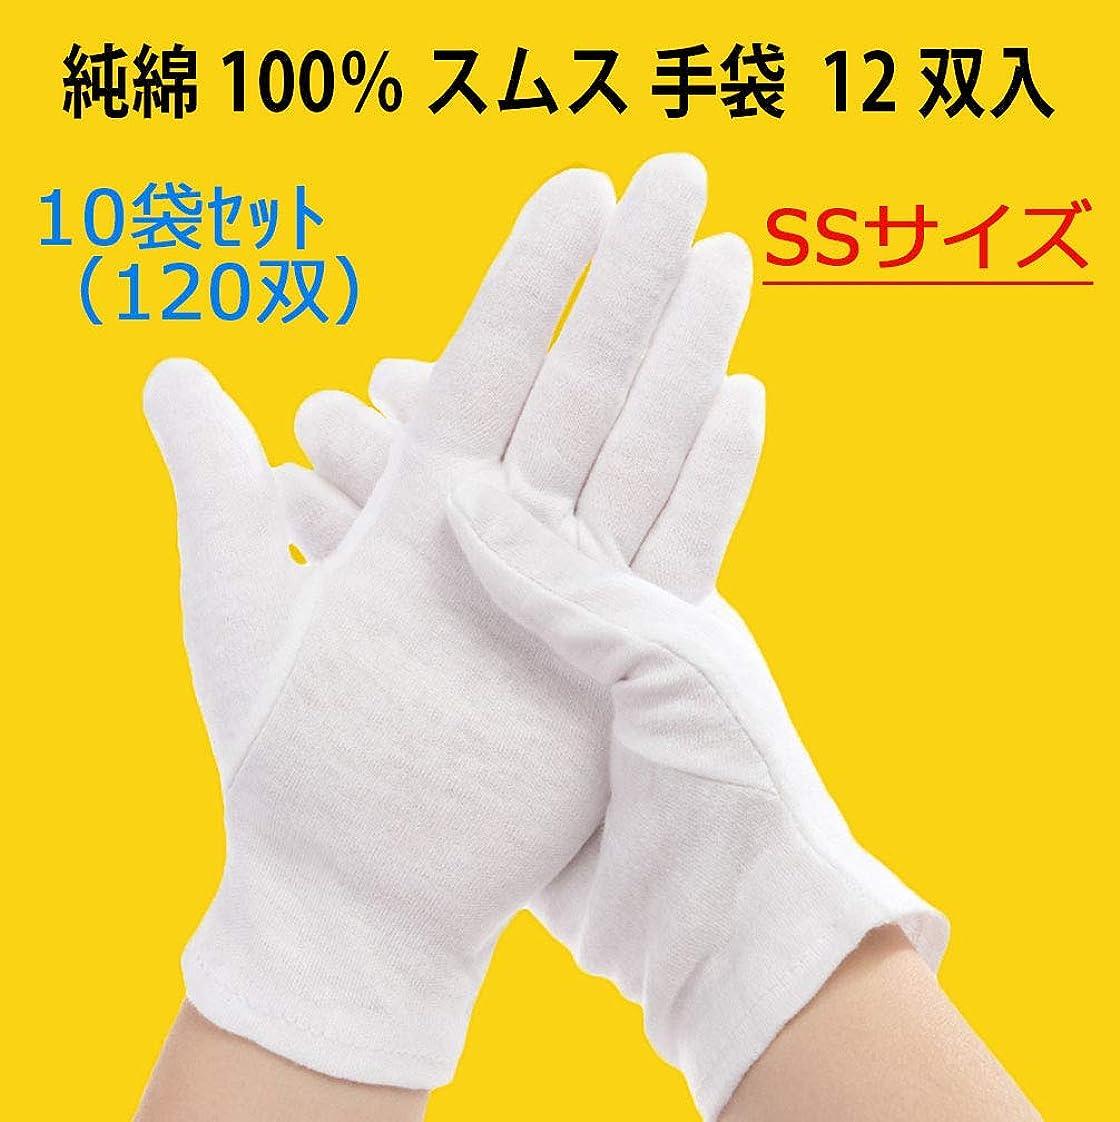 宿る酸っぱい蒸気純綿 100% スムス 手袋 SSサイズ 12双×10袋セット